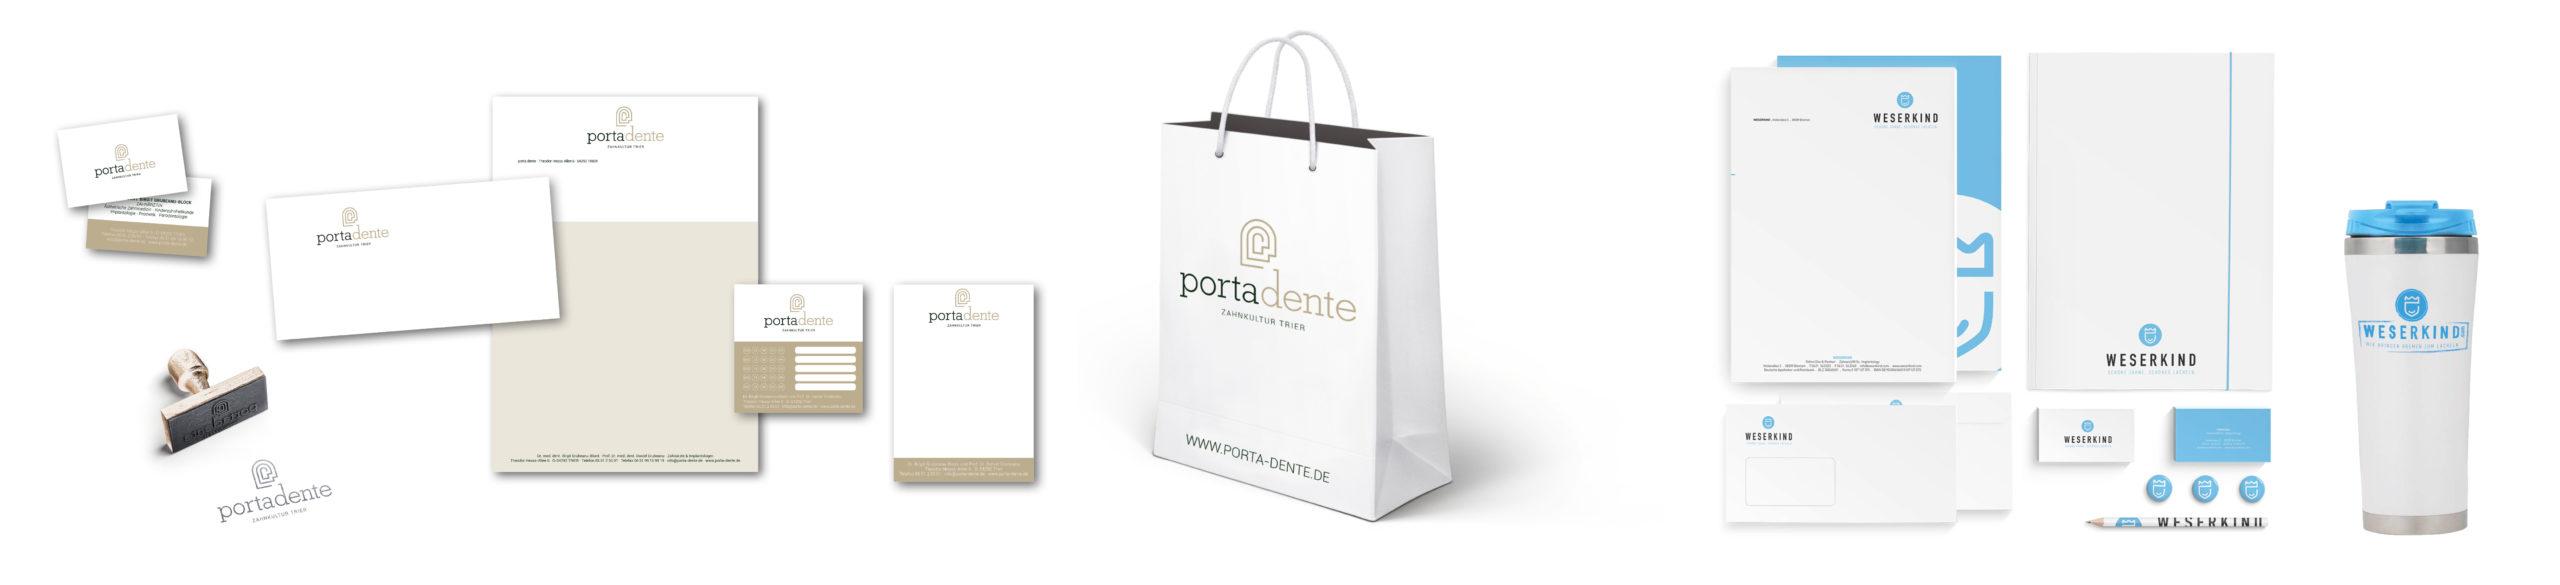 Praxismarketing - Printprodukte, Geschäftspapierausstattung, Werbetechnik